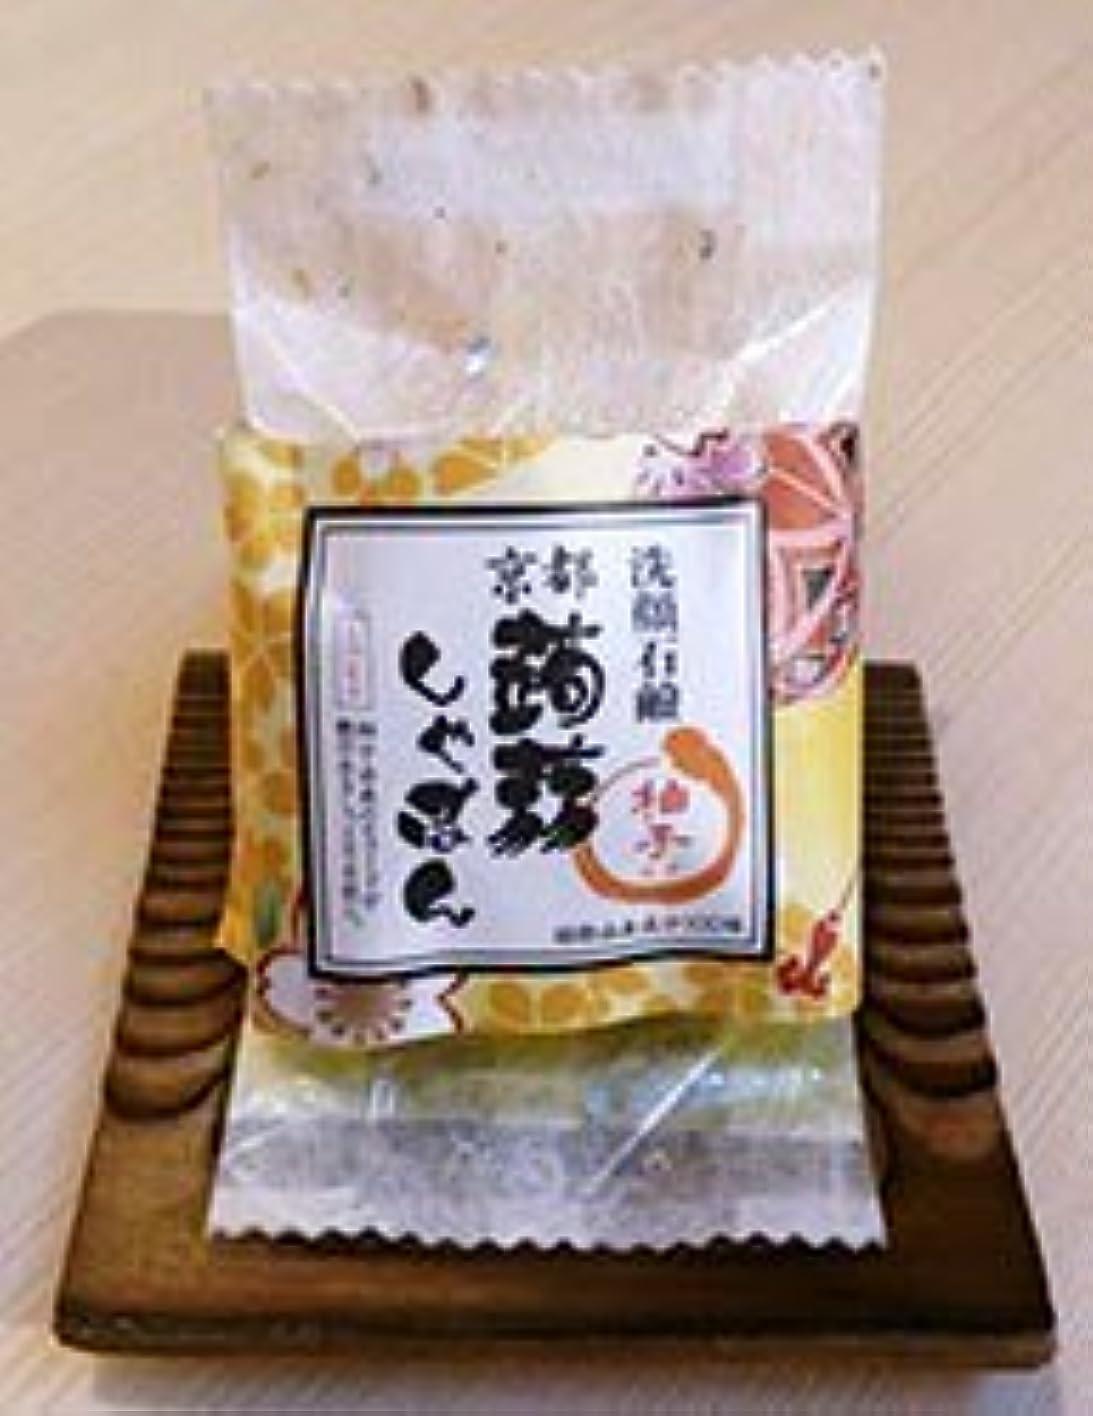 トラックメロンウェイトレス京都蒟蒻しゃぼん「柚子 ゆず」